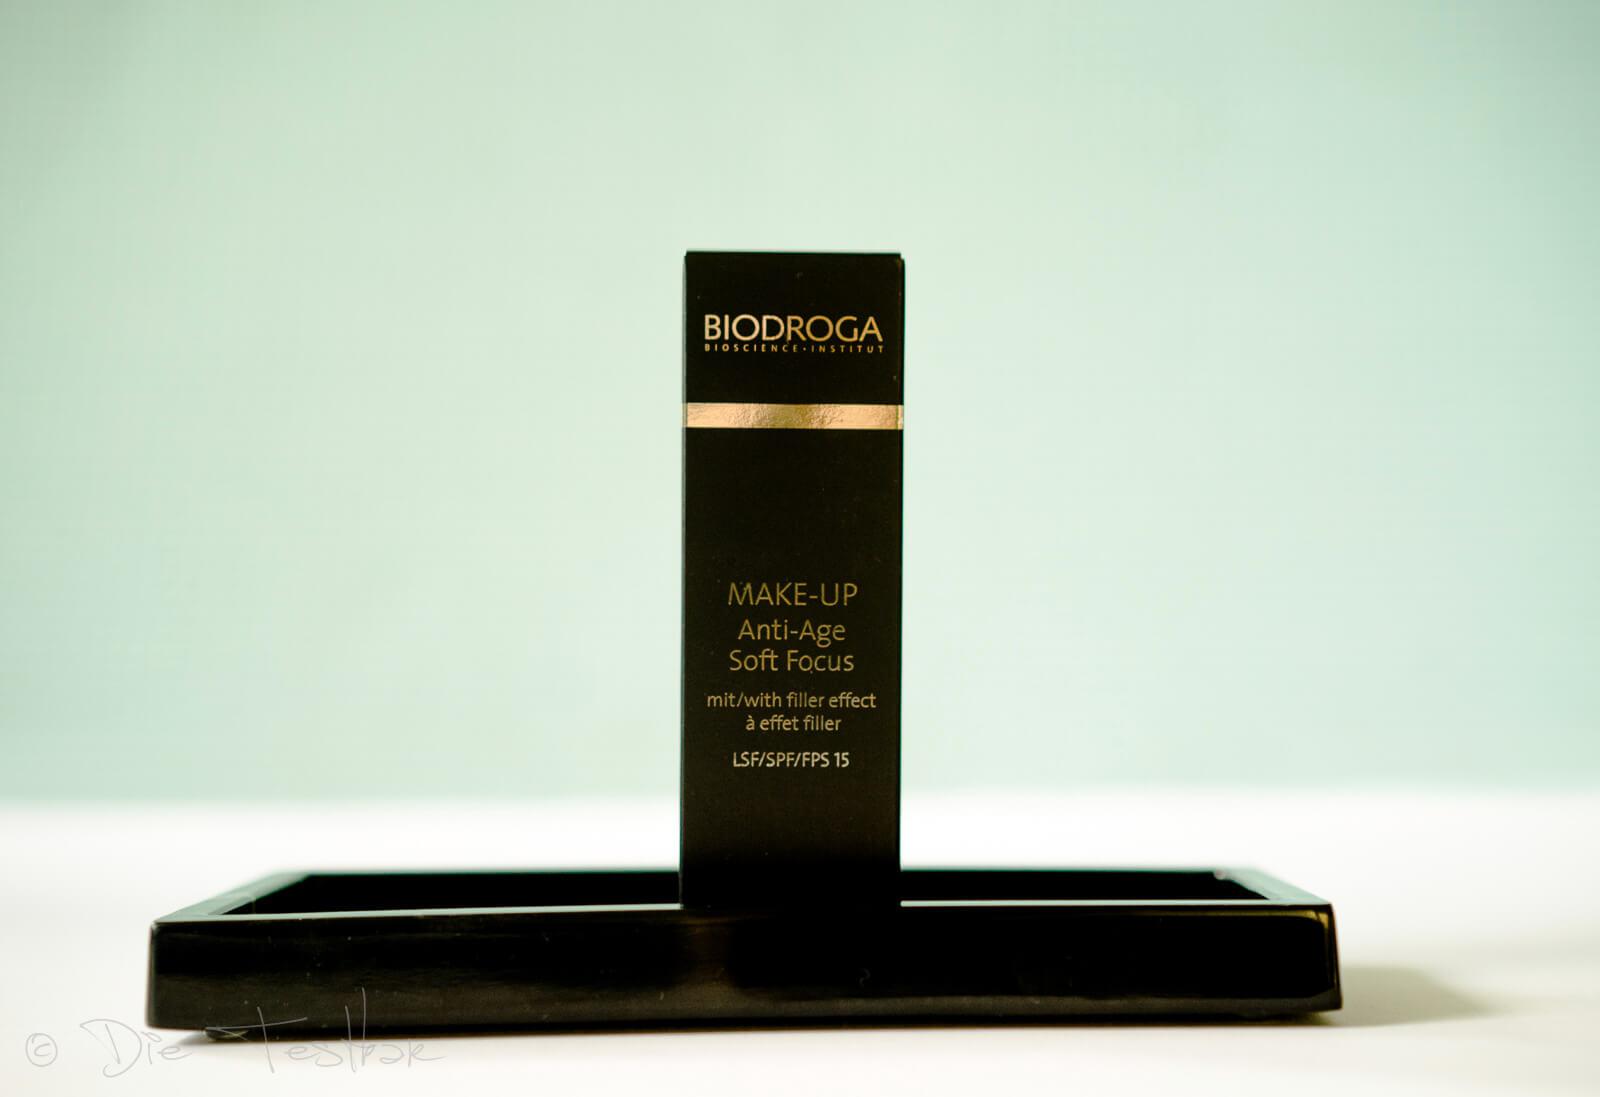 Soft Fokus Anti-Age Make-up mit Weichzeichner Effekt von Biodroga